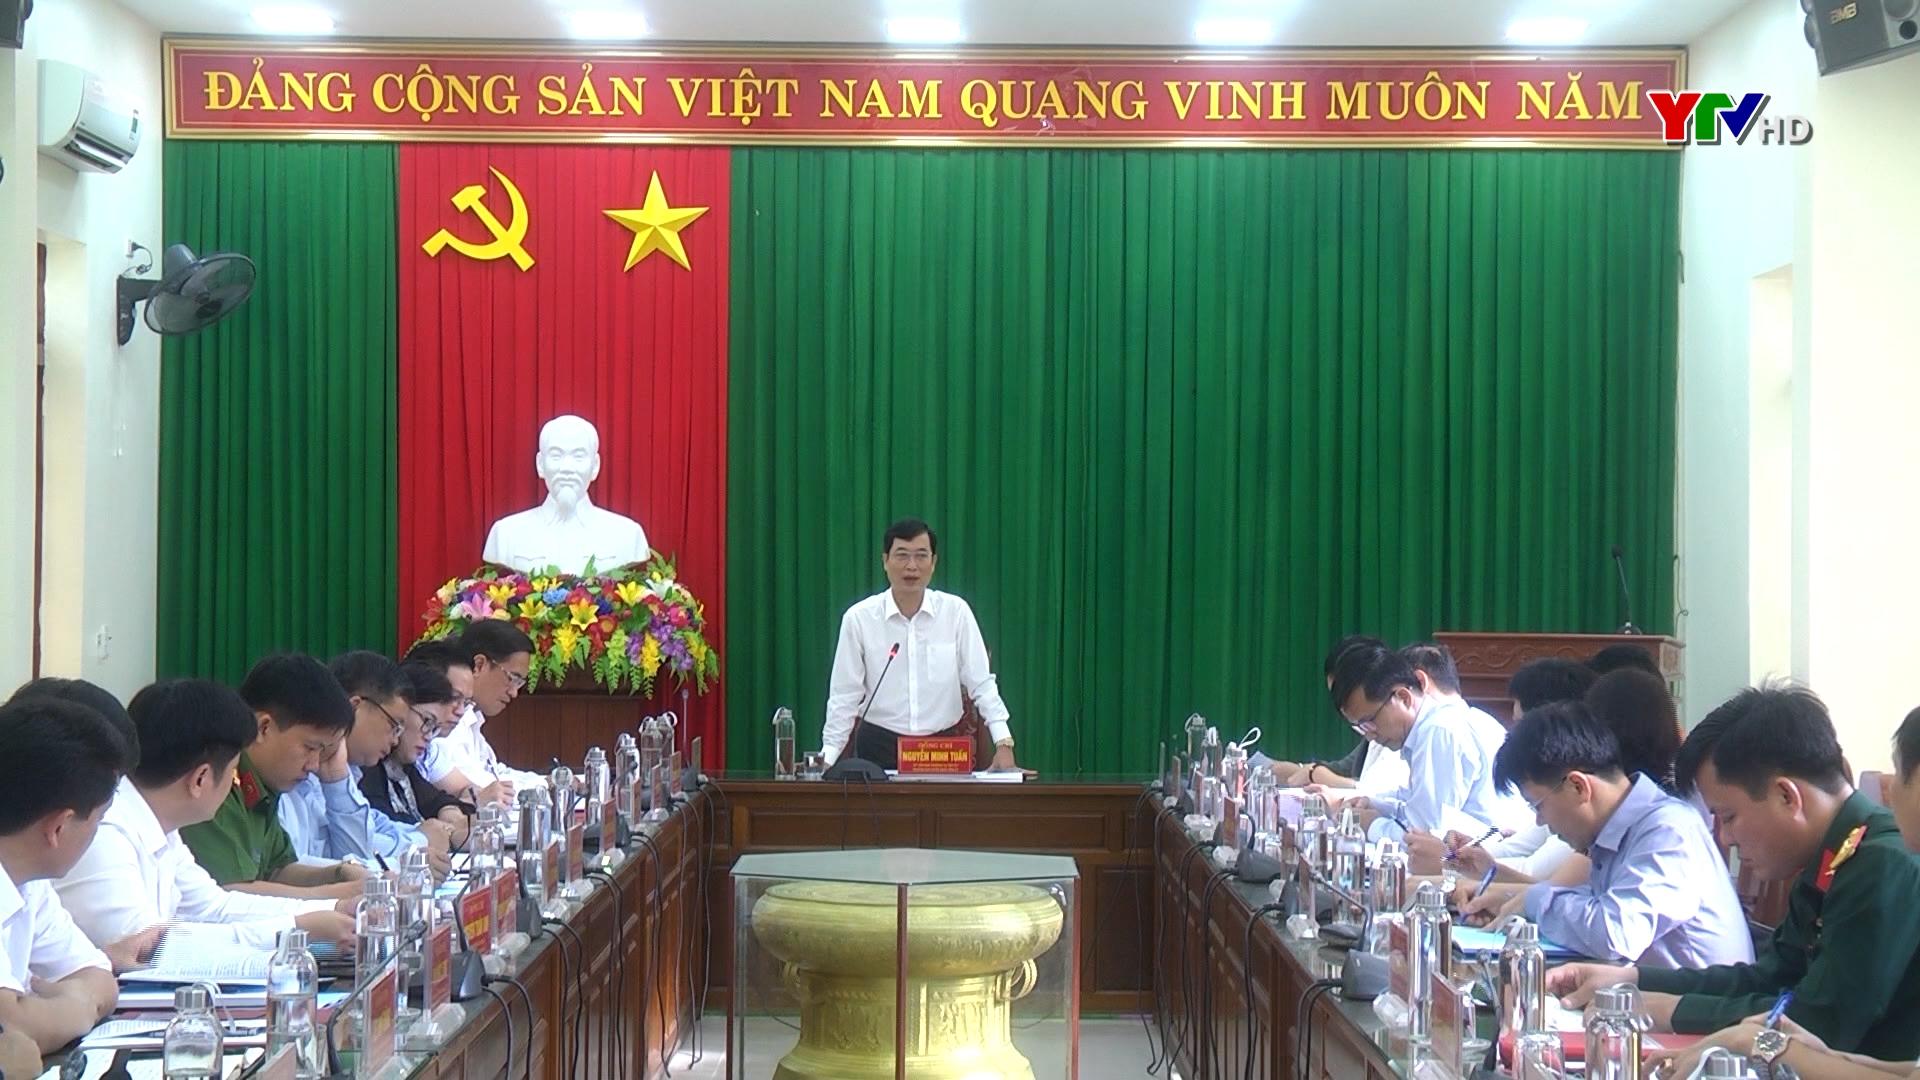 Đồng chí Nguyễn Minh Tuấn - Trưởng Ban Tuyên giáo Tỉnh ủy cùng đoàn công tác của tỉnh làm việc tại huyện Trấn Yên